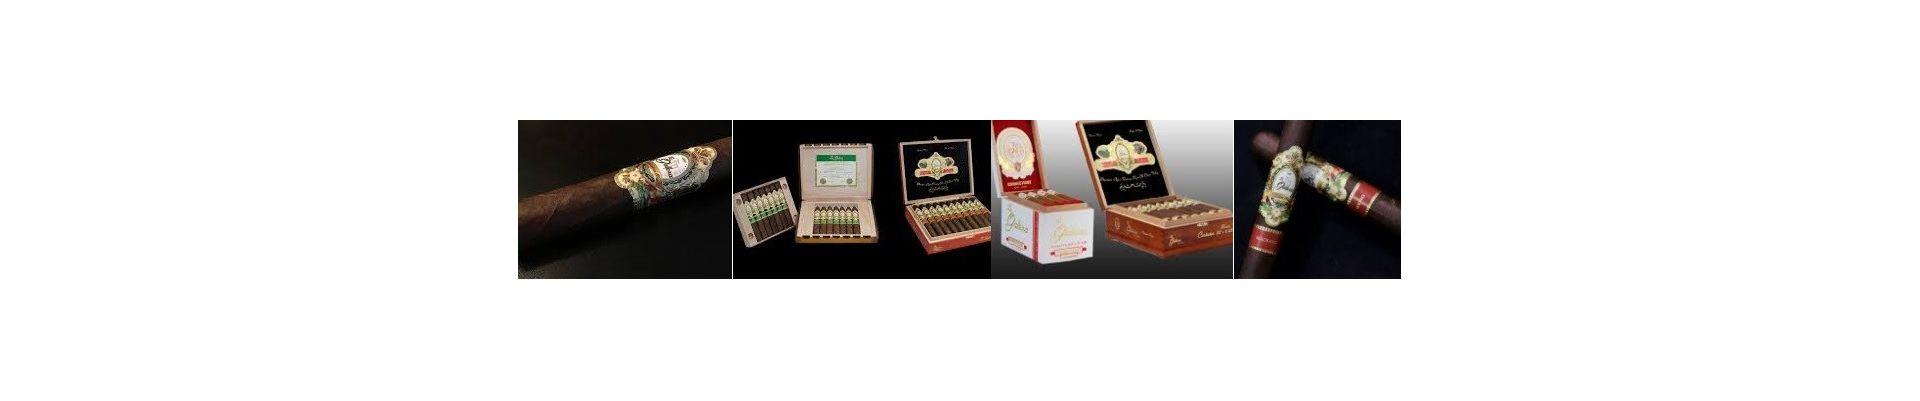 Magazin online cu trabucuri dominicane La Galera cutie cu 20 trabucuri